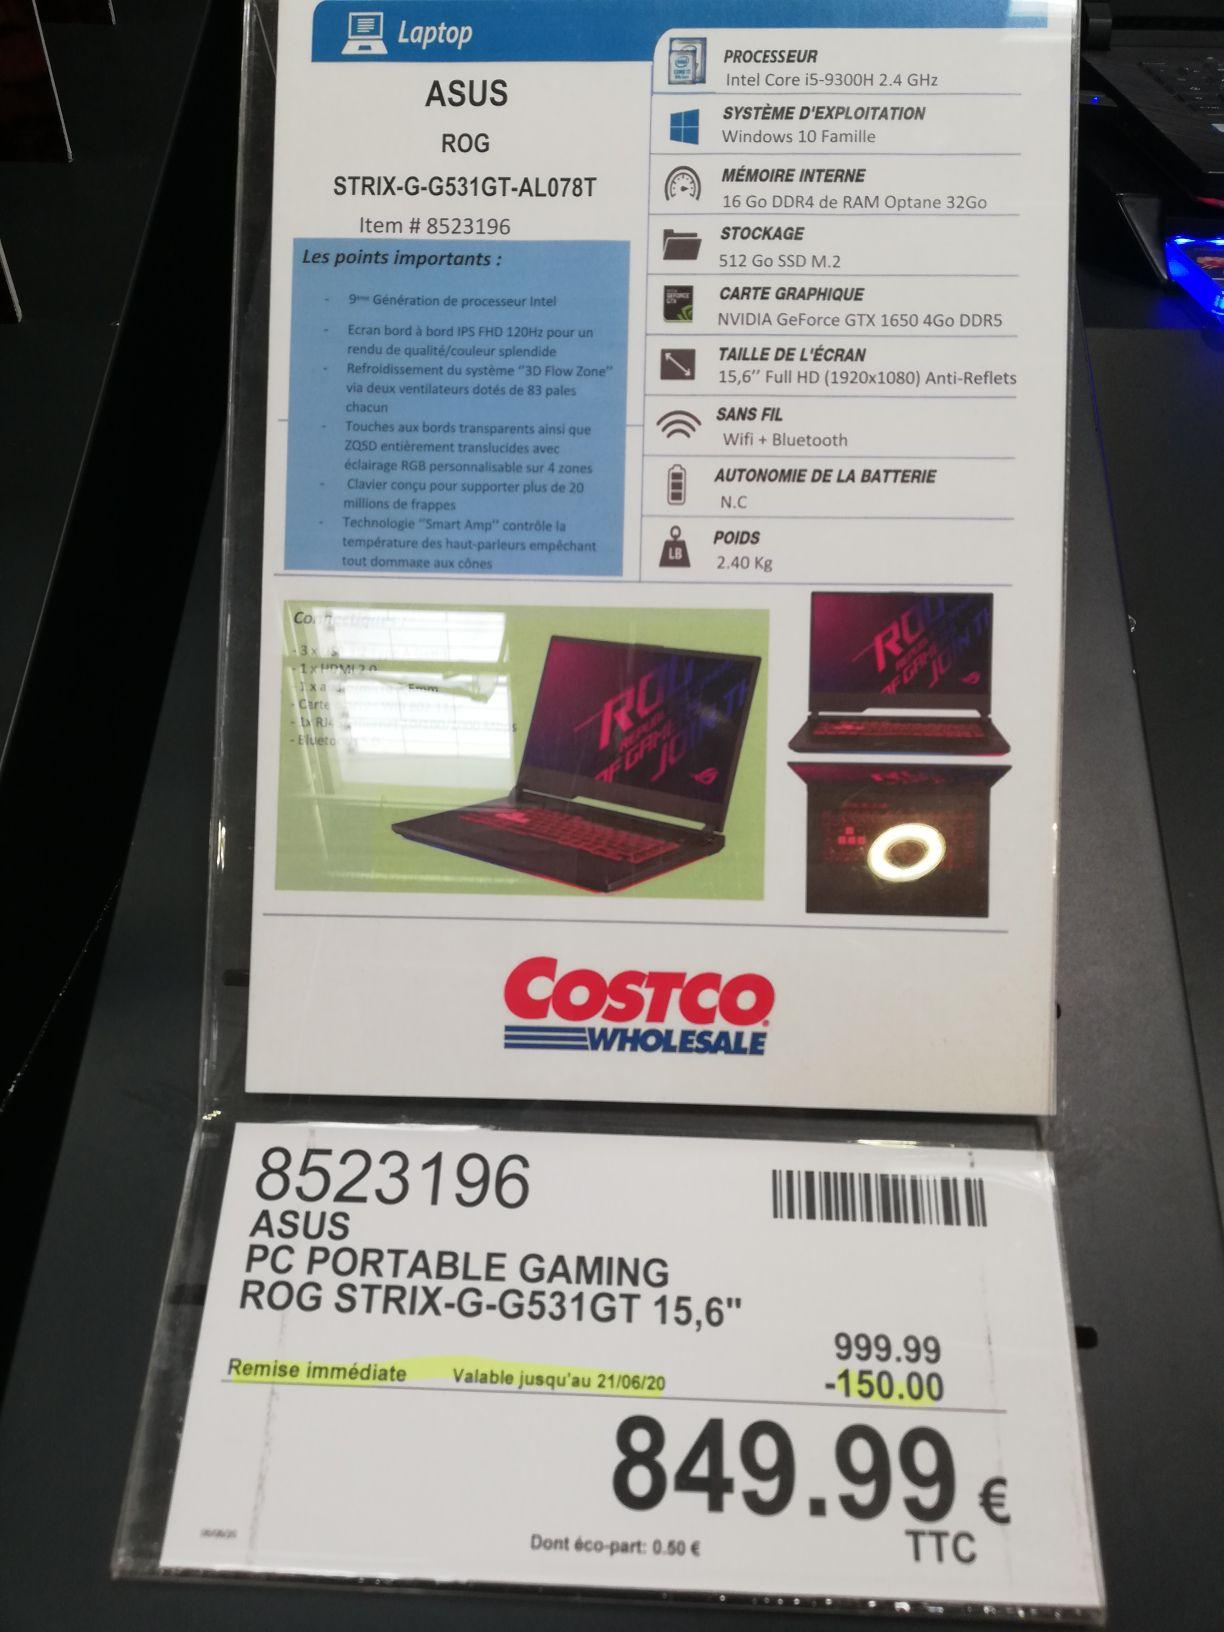 [Carte Costco] PC Portable Asus ROG STRIX-G-G531GT - i5-9300H, 16 Go de Ram, 512 Go SSD, GeForce 1650 - Villebon-sur-Yvette (91)